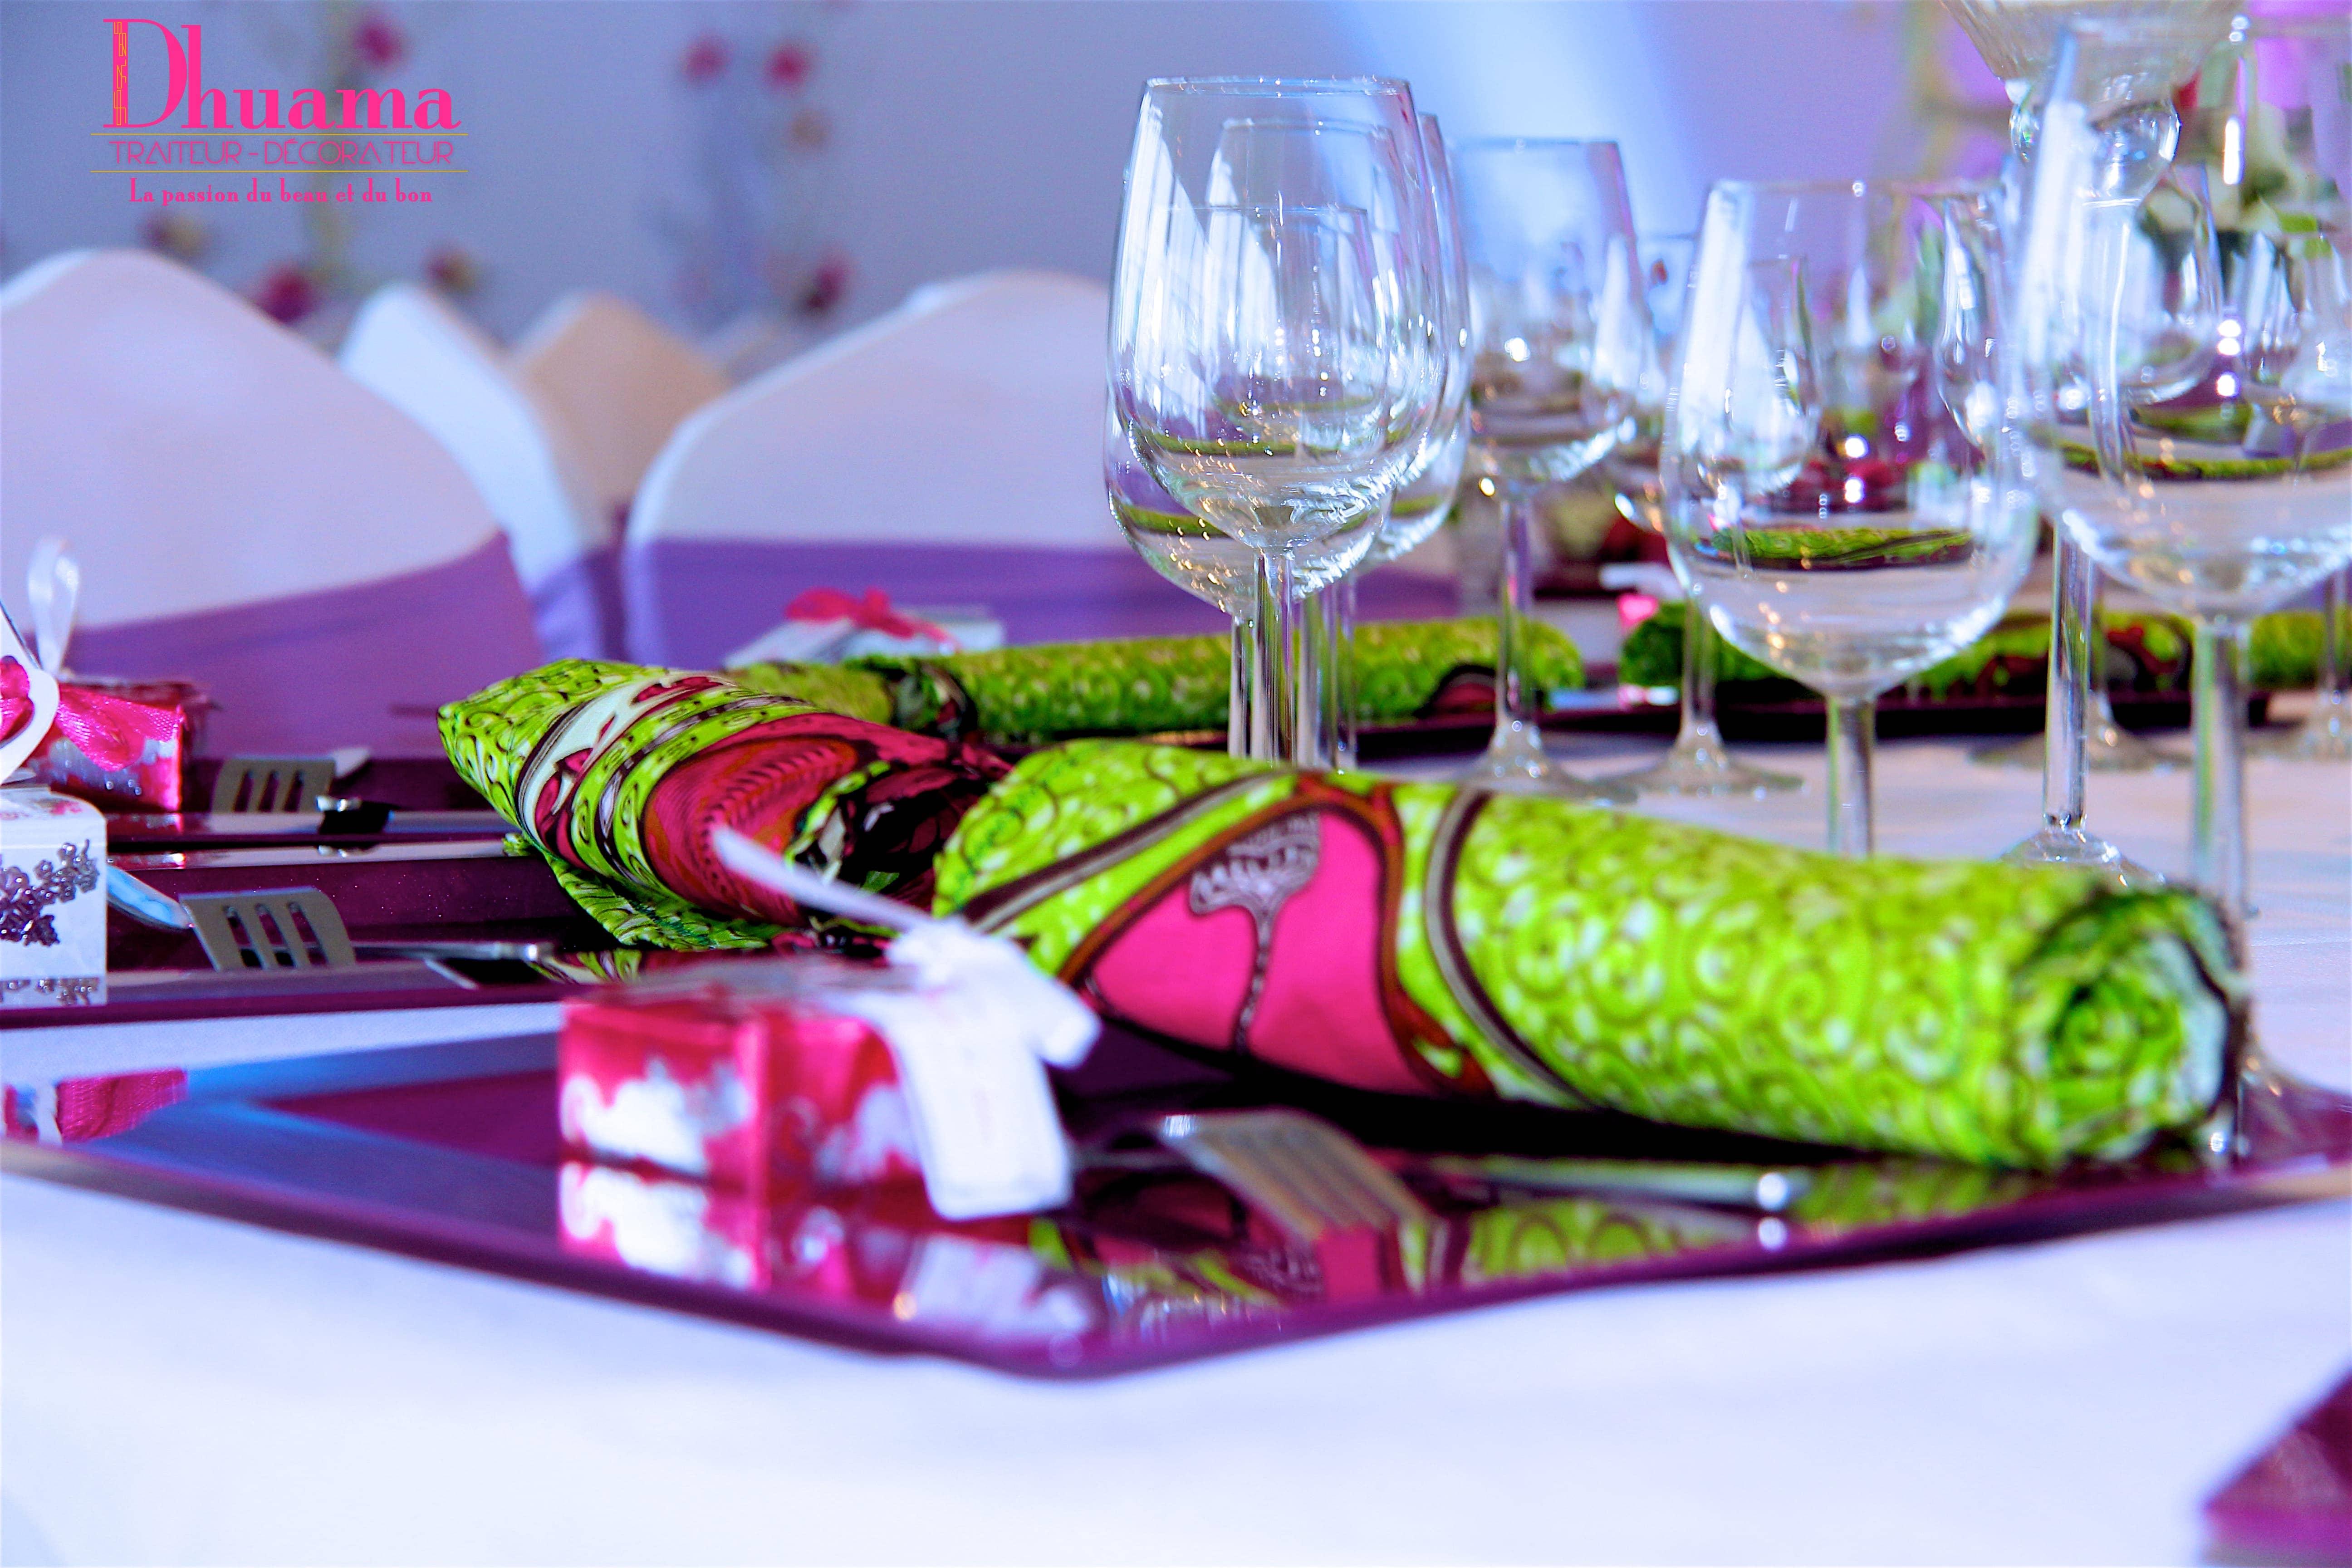 violet vert et pagne dhuama. Black Bedroom Furniture Sets. Home Design Ideas